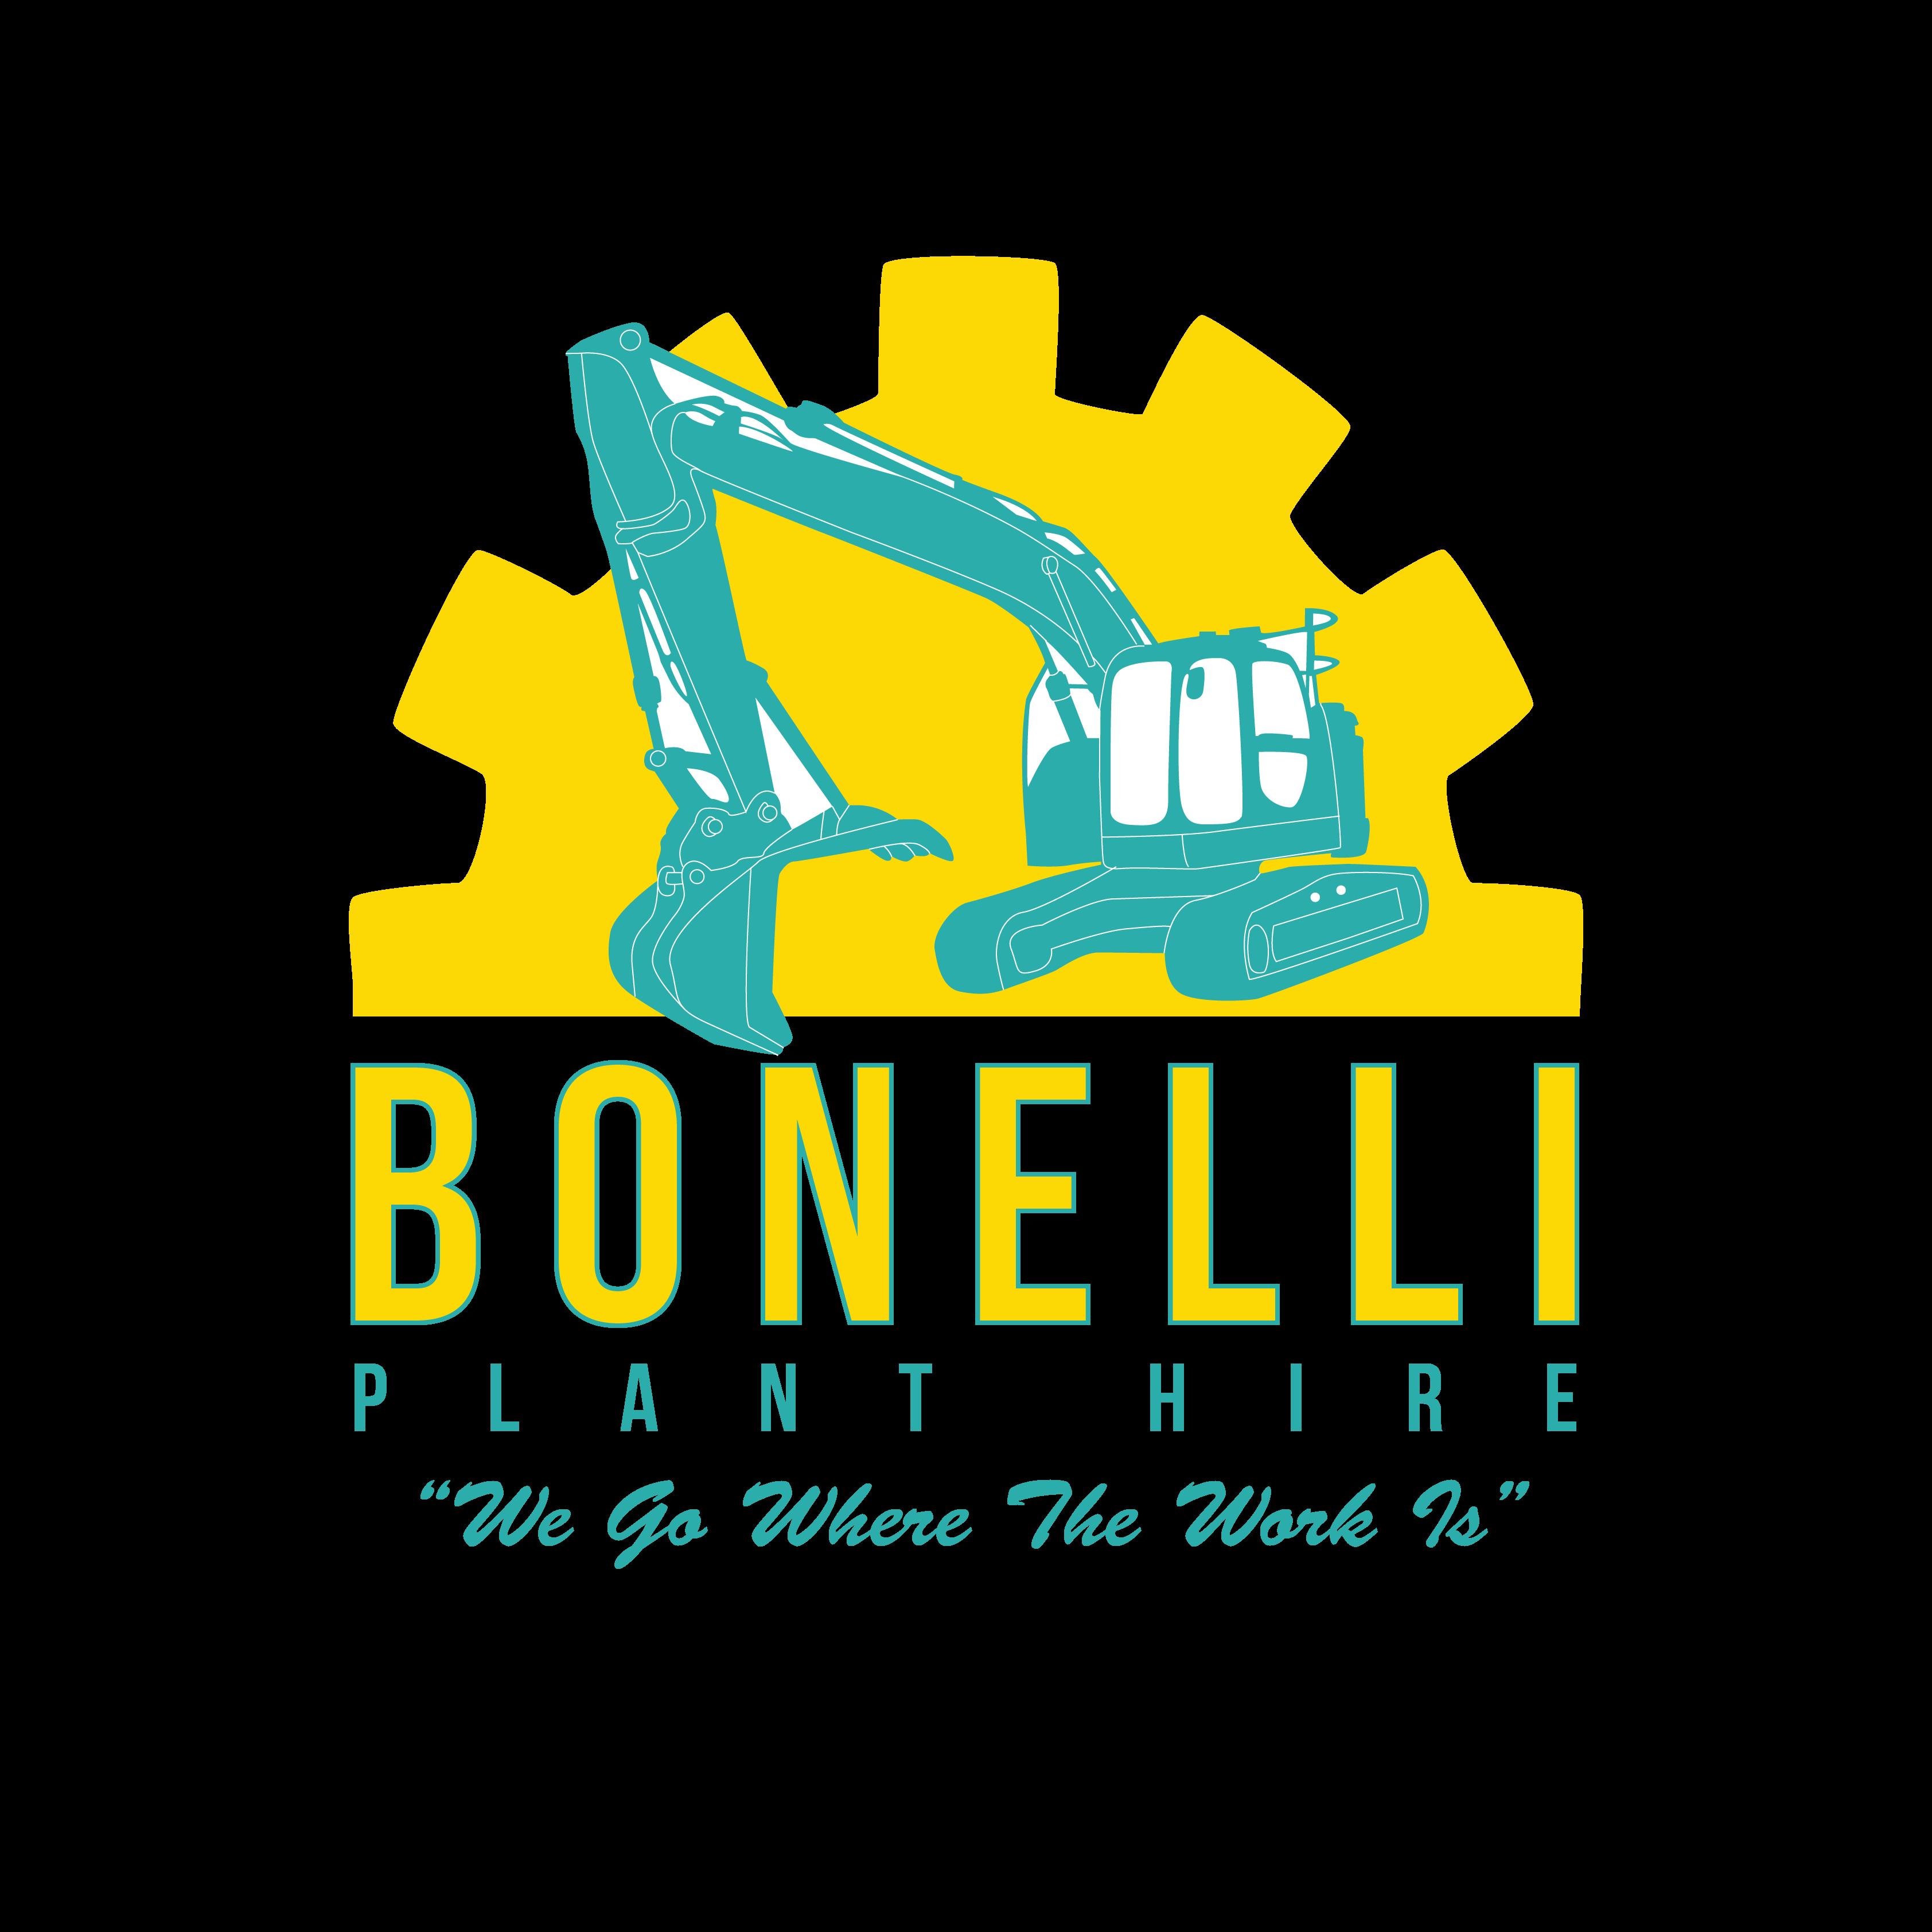 Bonelli Plant Hire